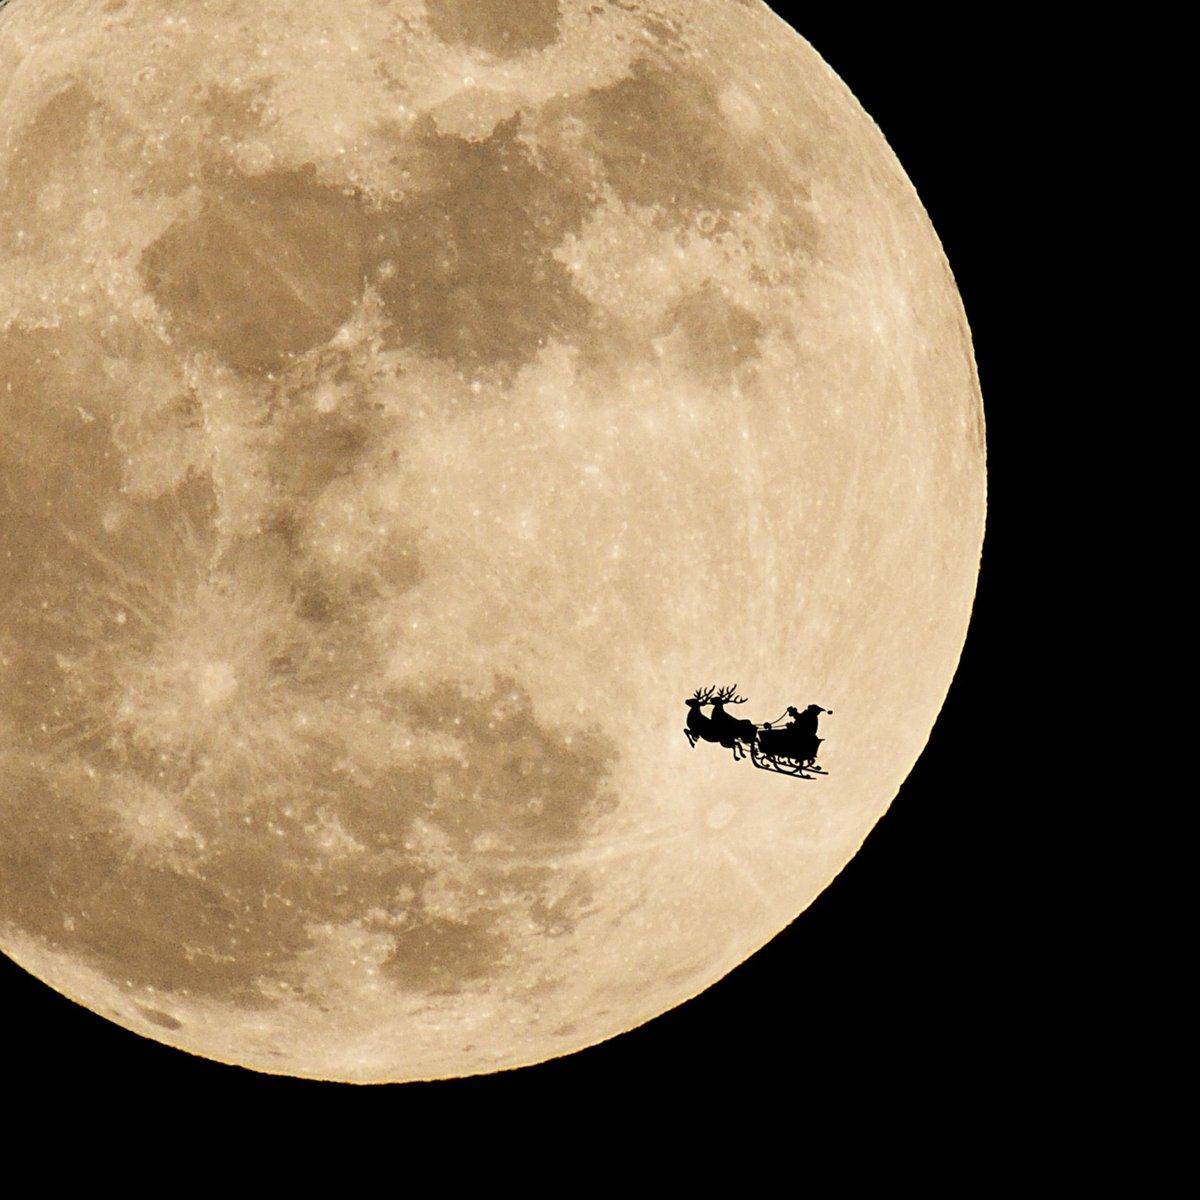 今日は満月のクリスマス。 来年も来てね〜(笑) https://t.co/eztLp8a6dS